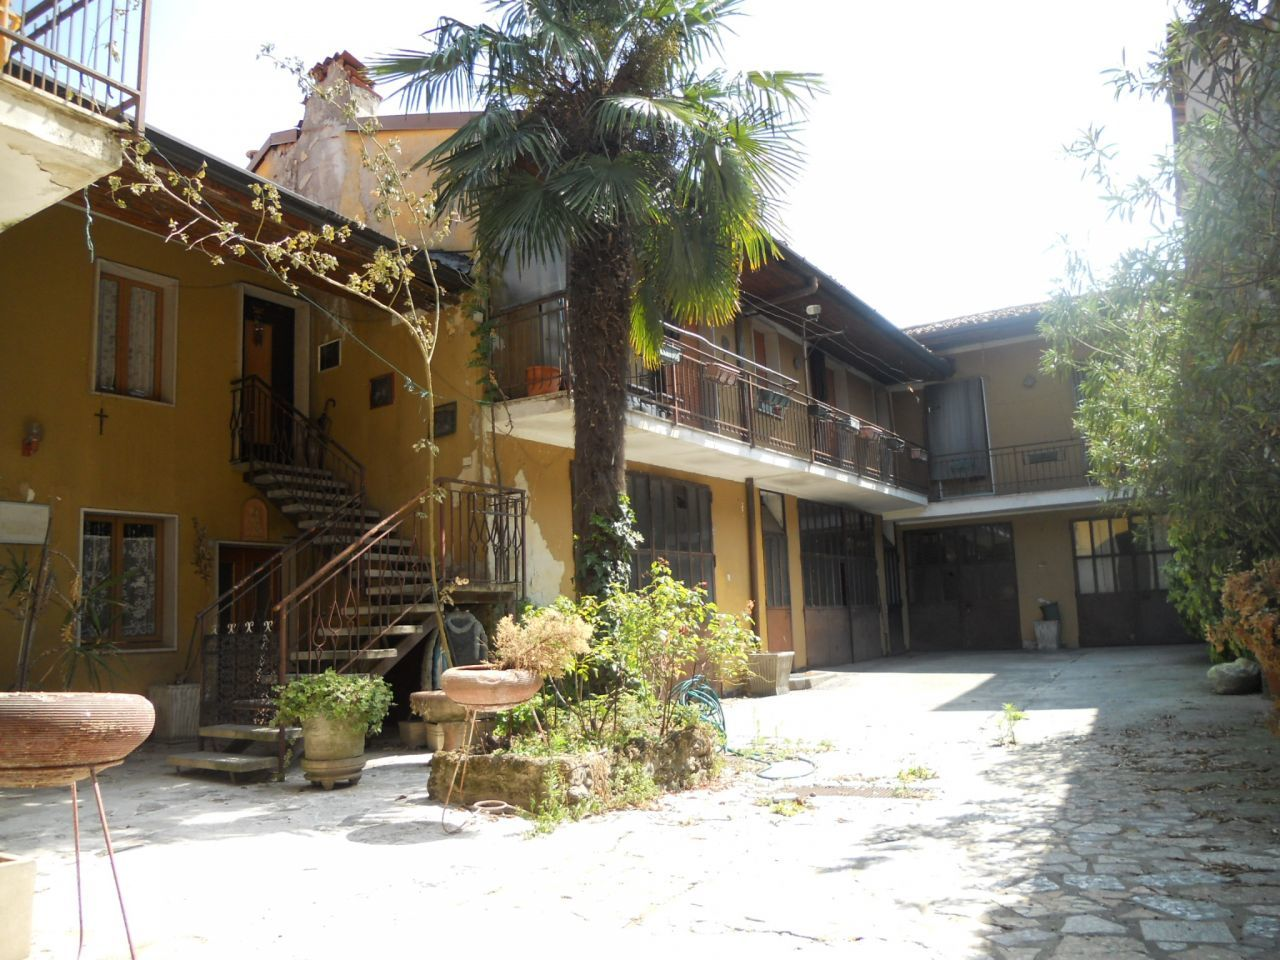 Rustico / Casale in vendita a Chiari, 9999 locali, prezzo € 550.000 | Cambio Casa.it